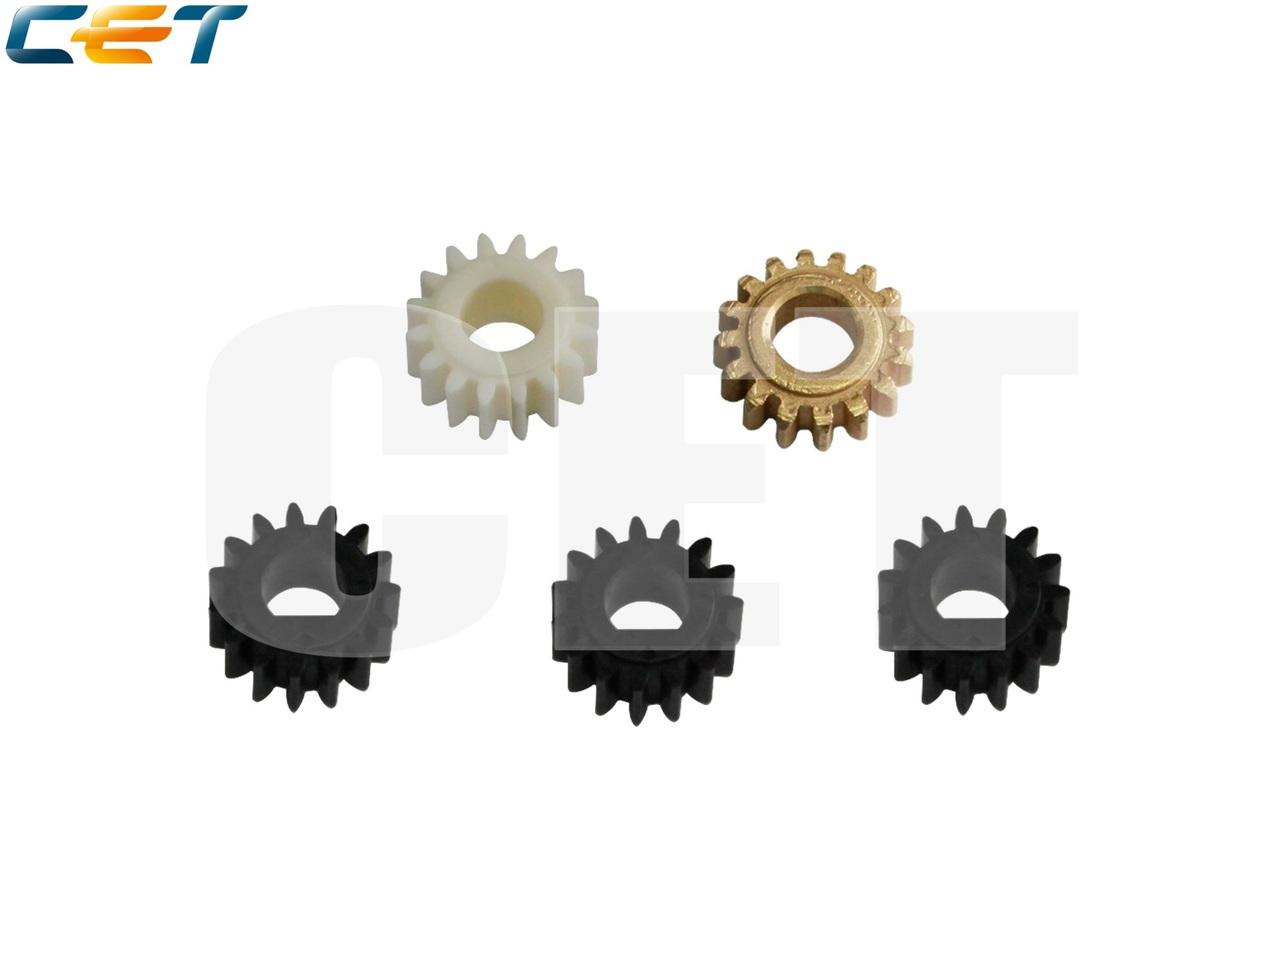 Комплект шестерен блока проявки для RICOH Aficio 1022/1027(CET), CET5999